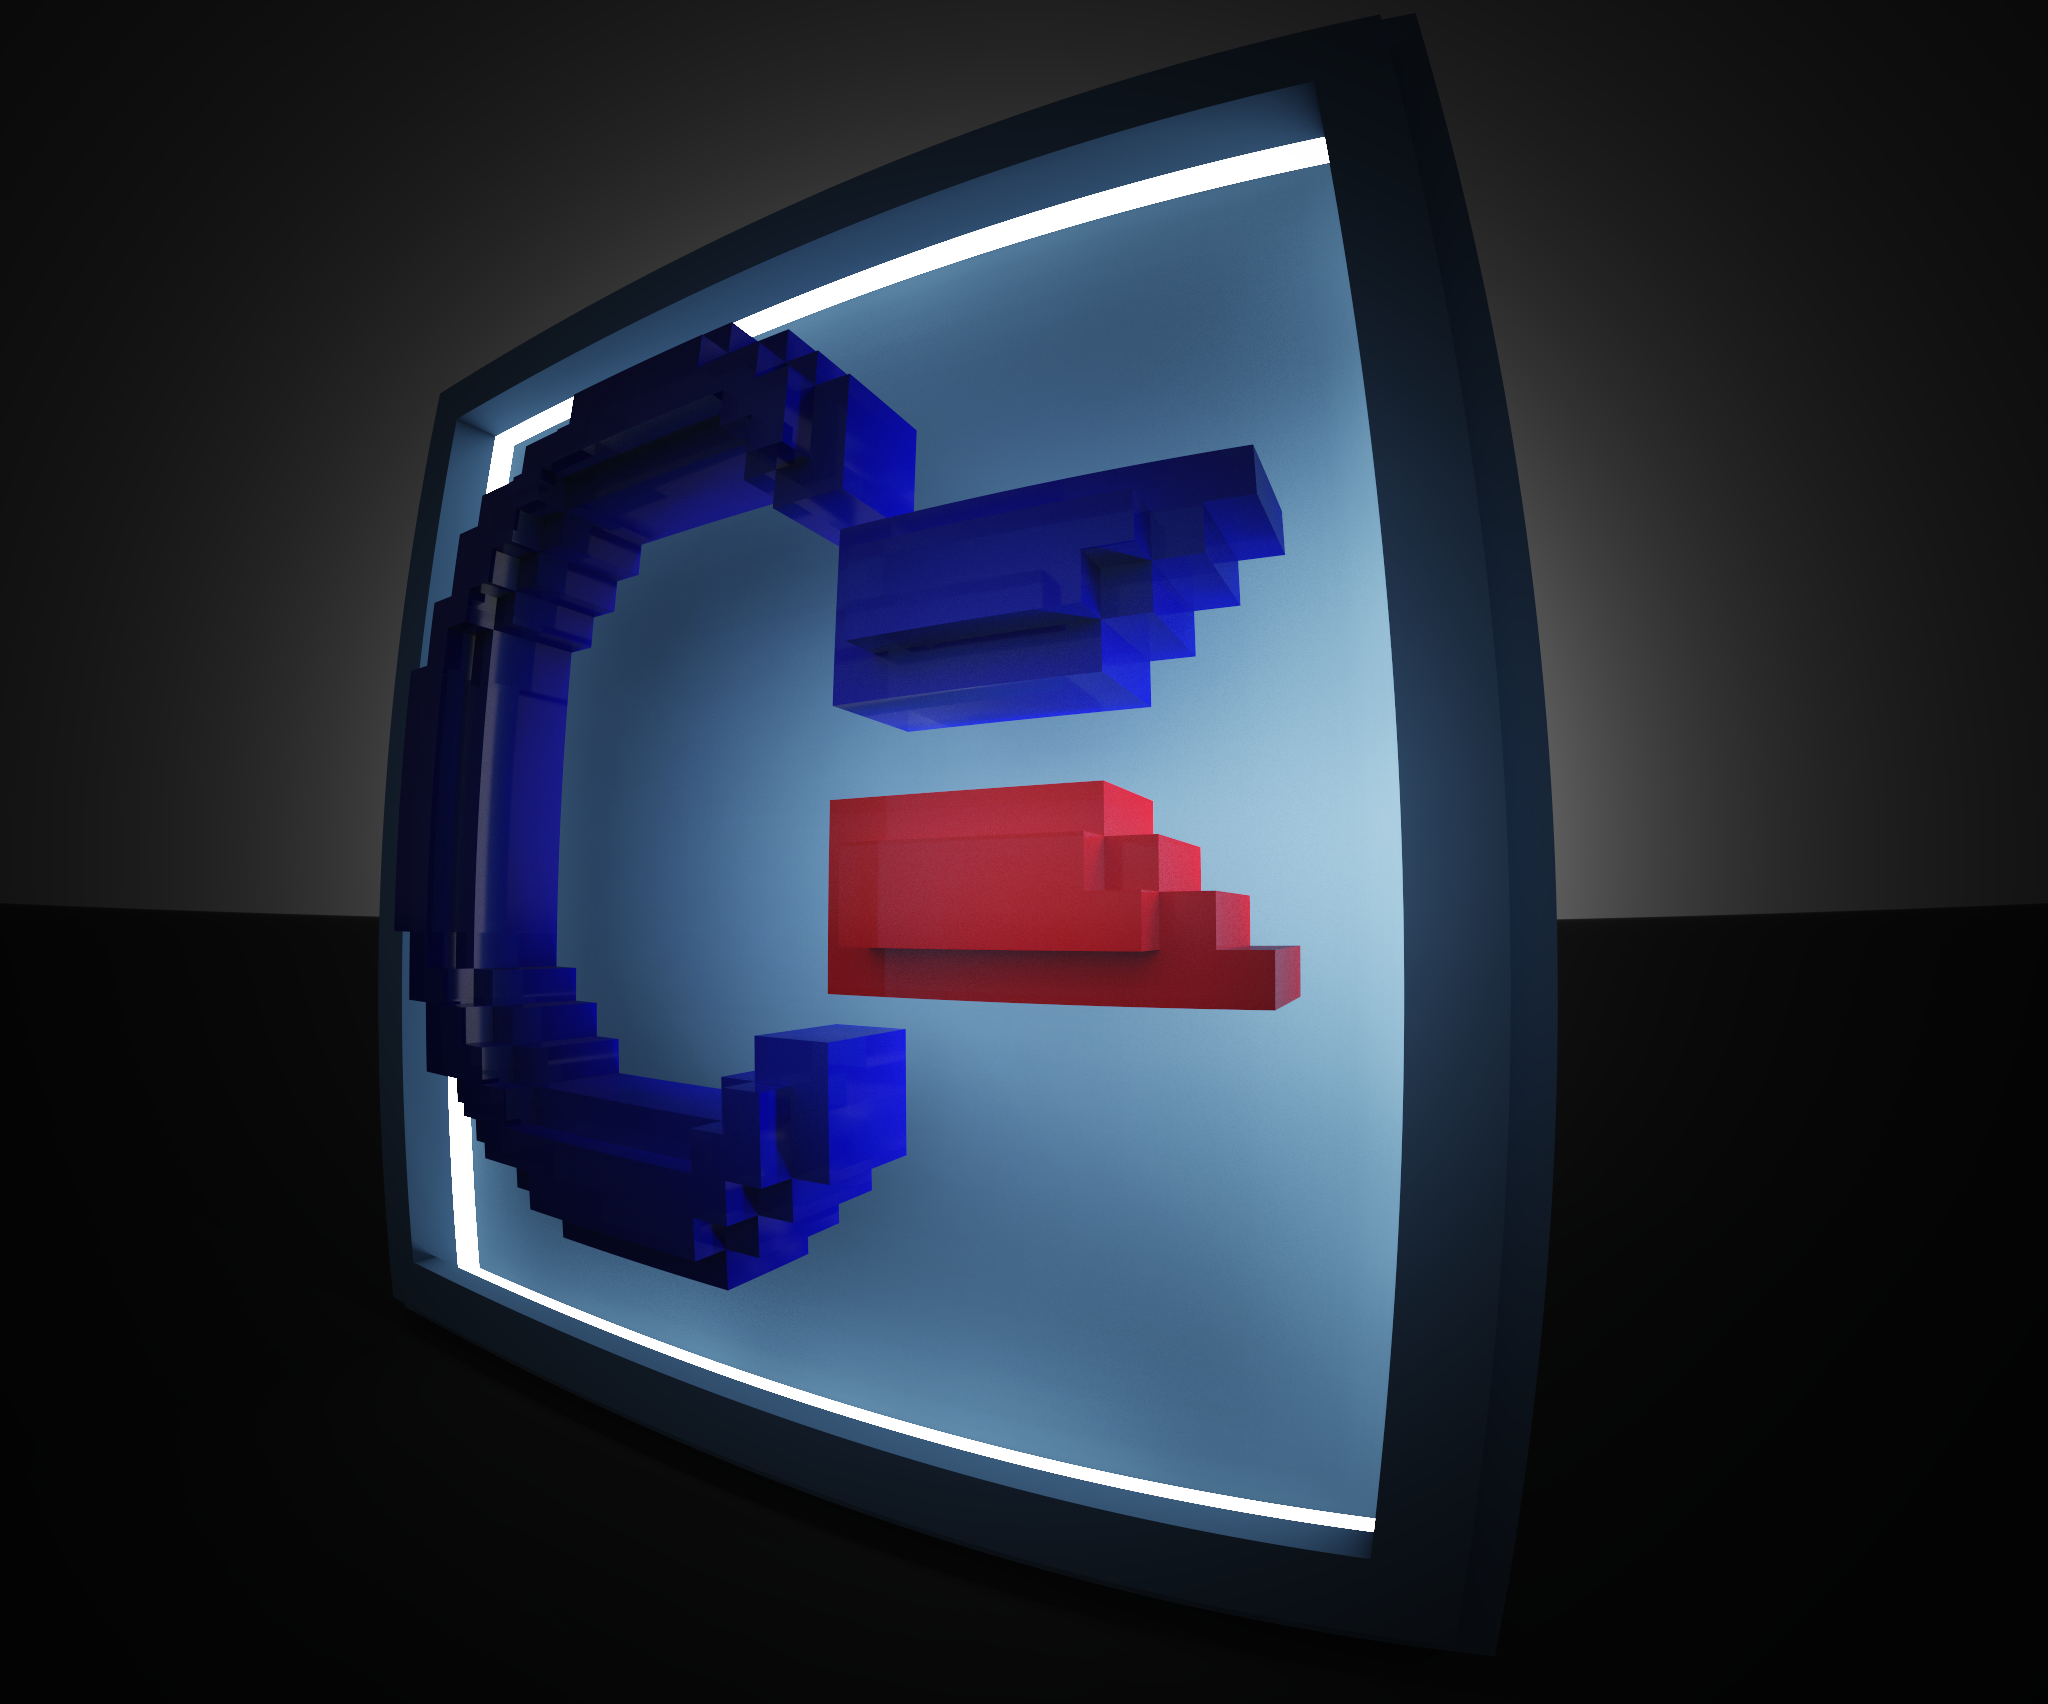 c64logo